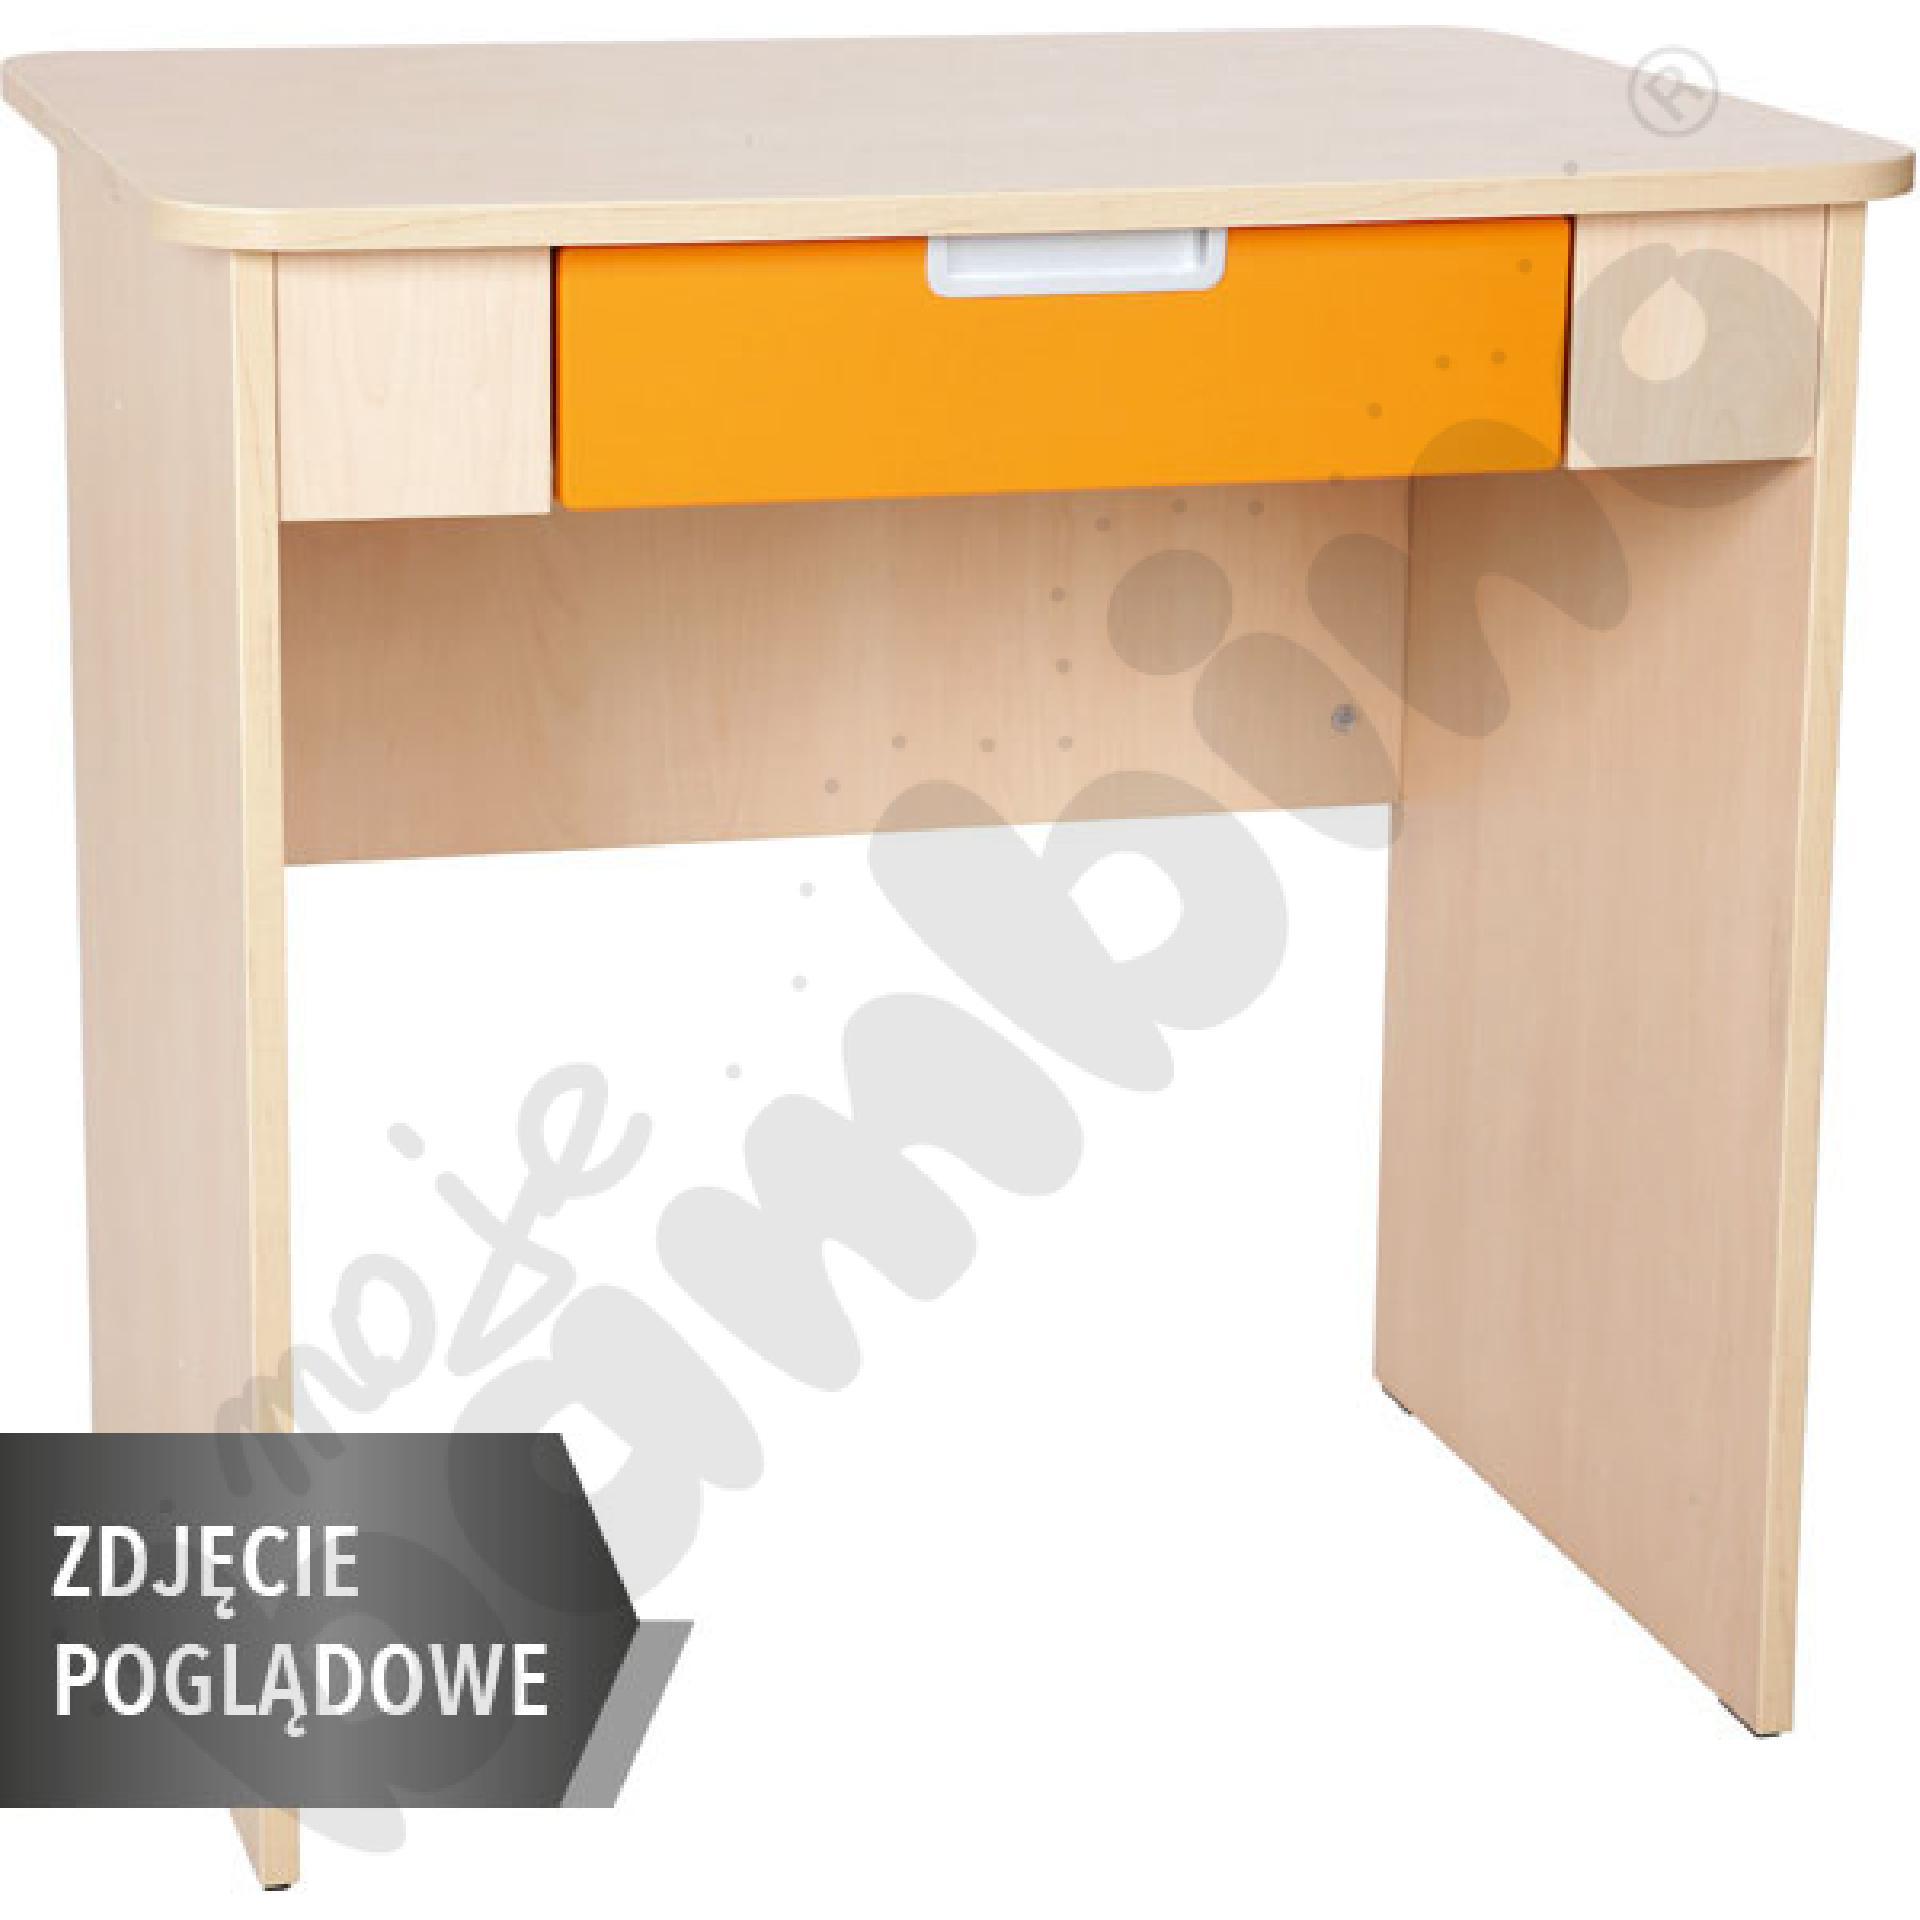 Quadro - biurko z szeroką szufladą - pomarańczowe, w białej skrzyni